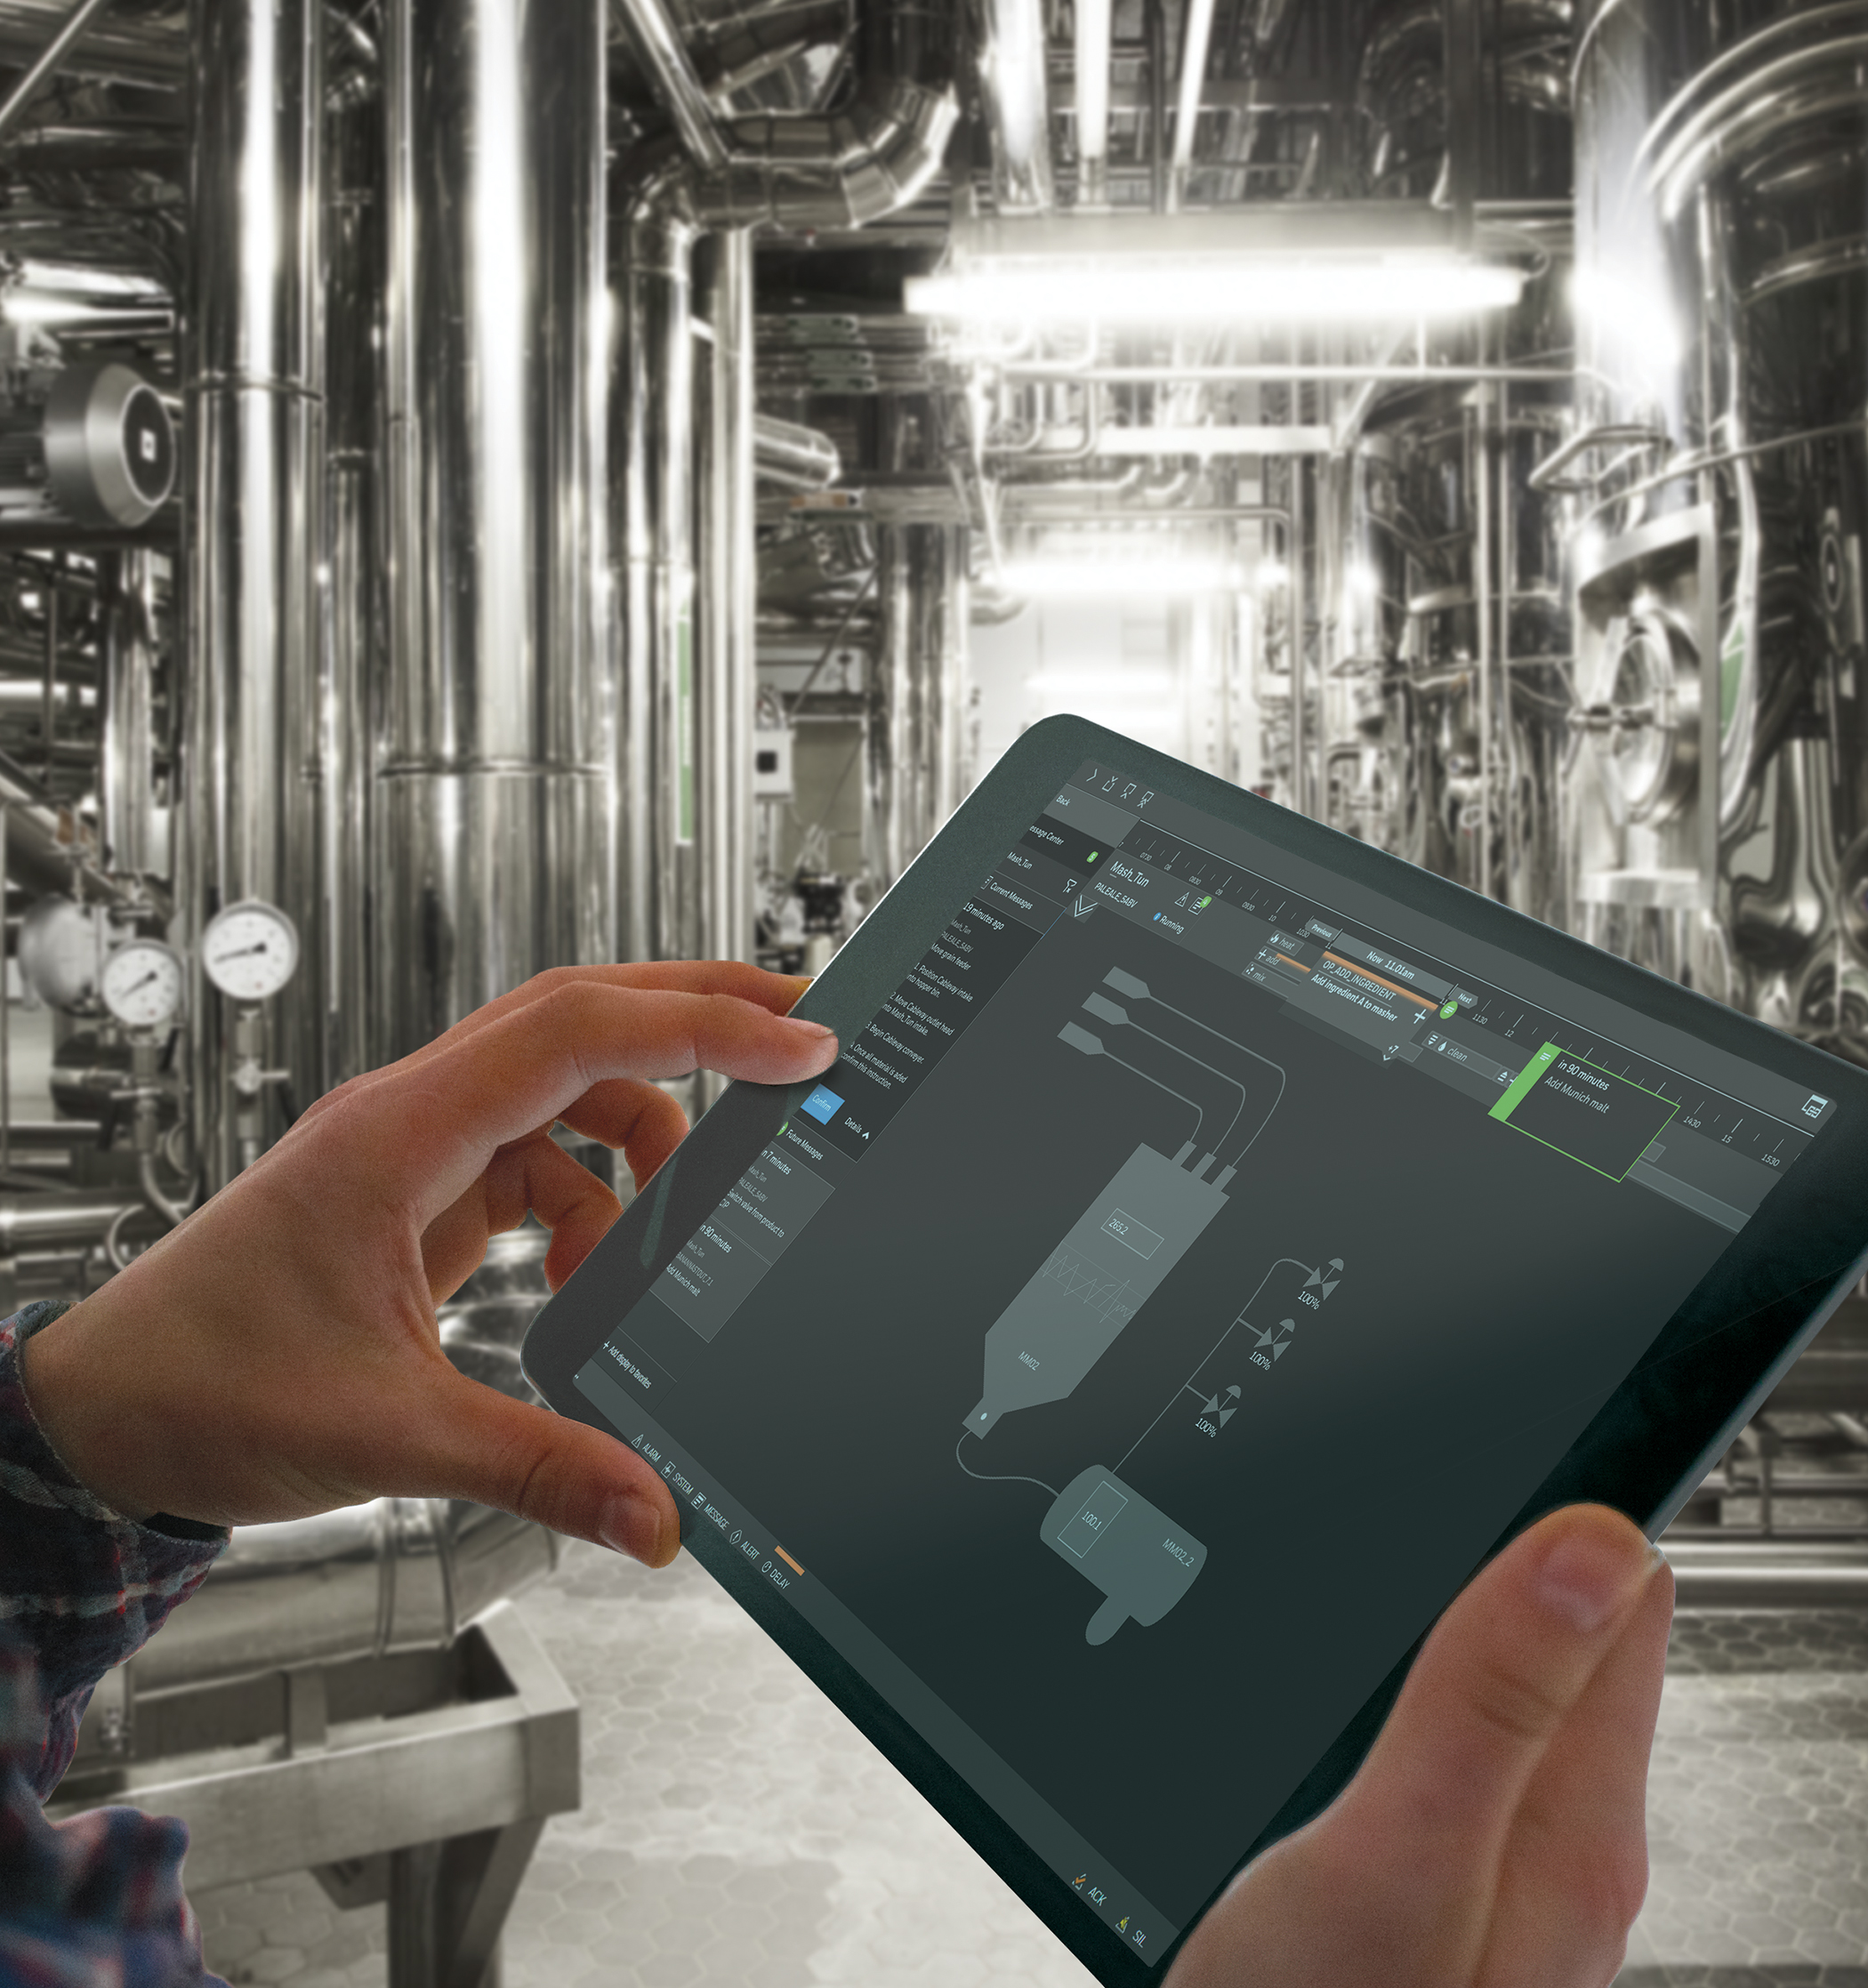 Neue Honeywell Visualisierungstechnologie Experion Batch erhöht Produktivität in Batch-Betrieben